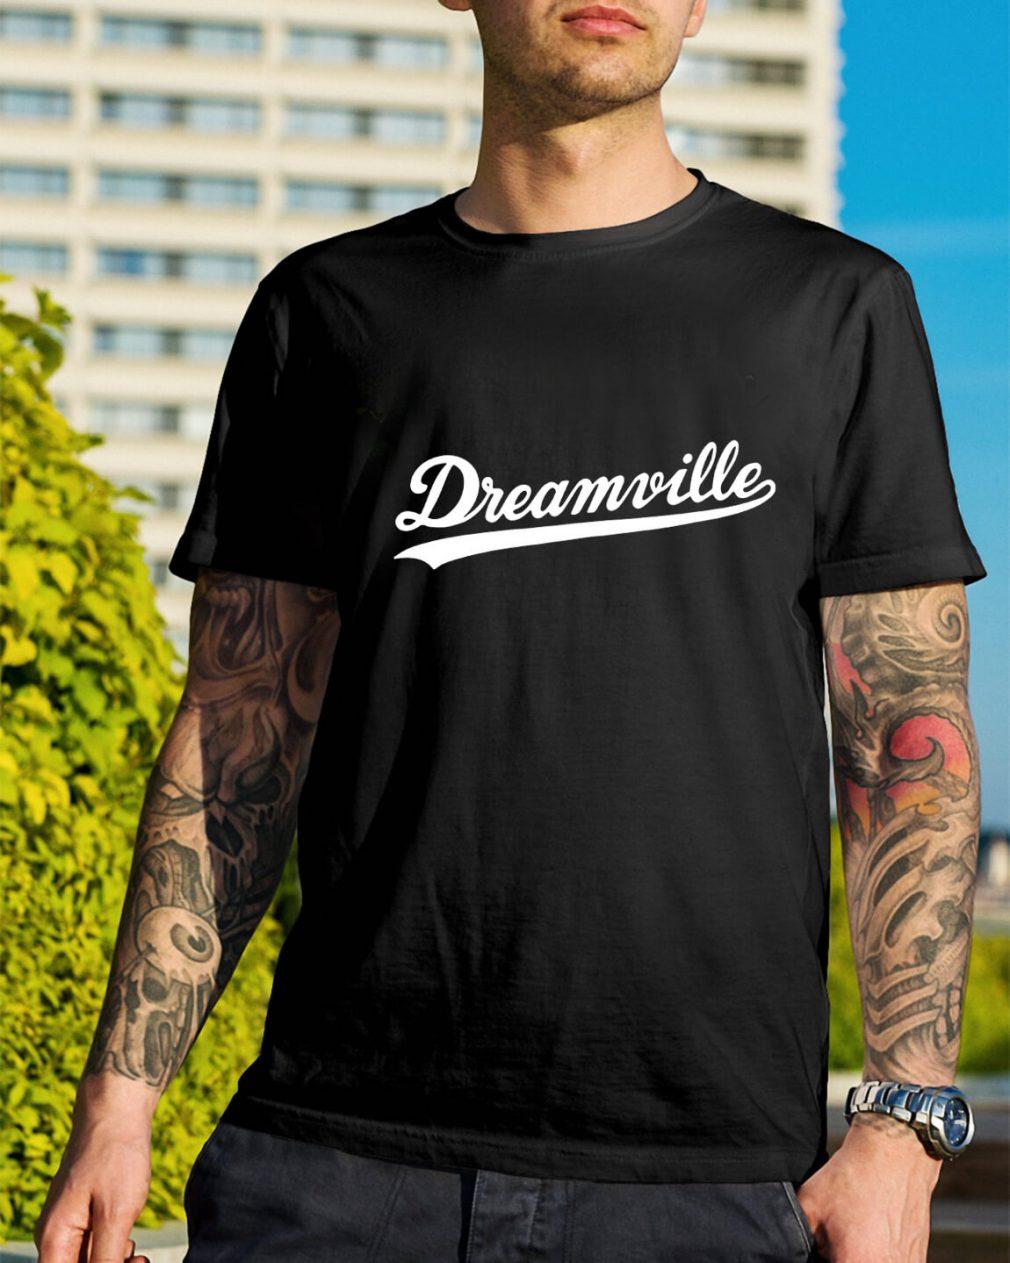 Official Dreamville shirt